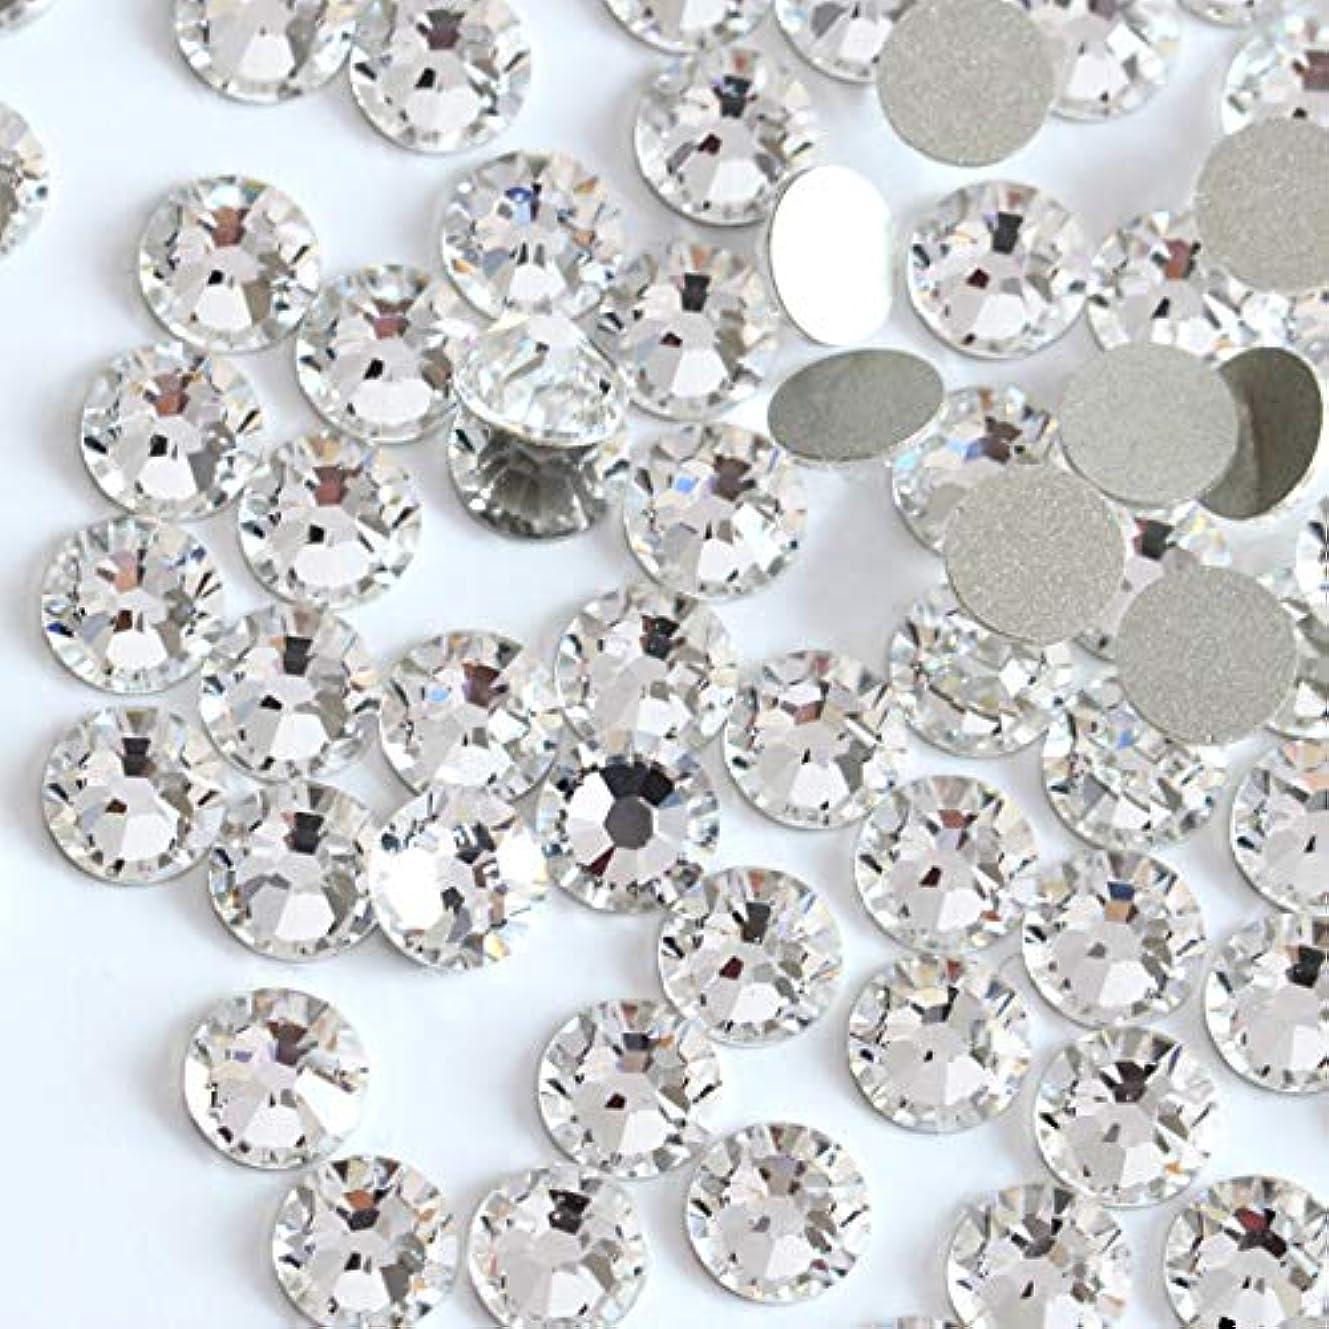 儀式刻む寝室【ラインストーン77】 超高級 ガラス製ラインストーン SS4~SS40 クリスタル スワロフスキー同等 (1.7mm (SS5) 約200粒)